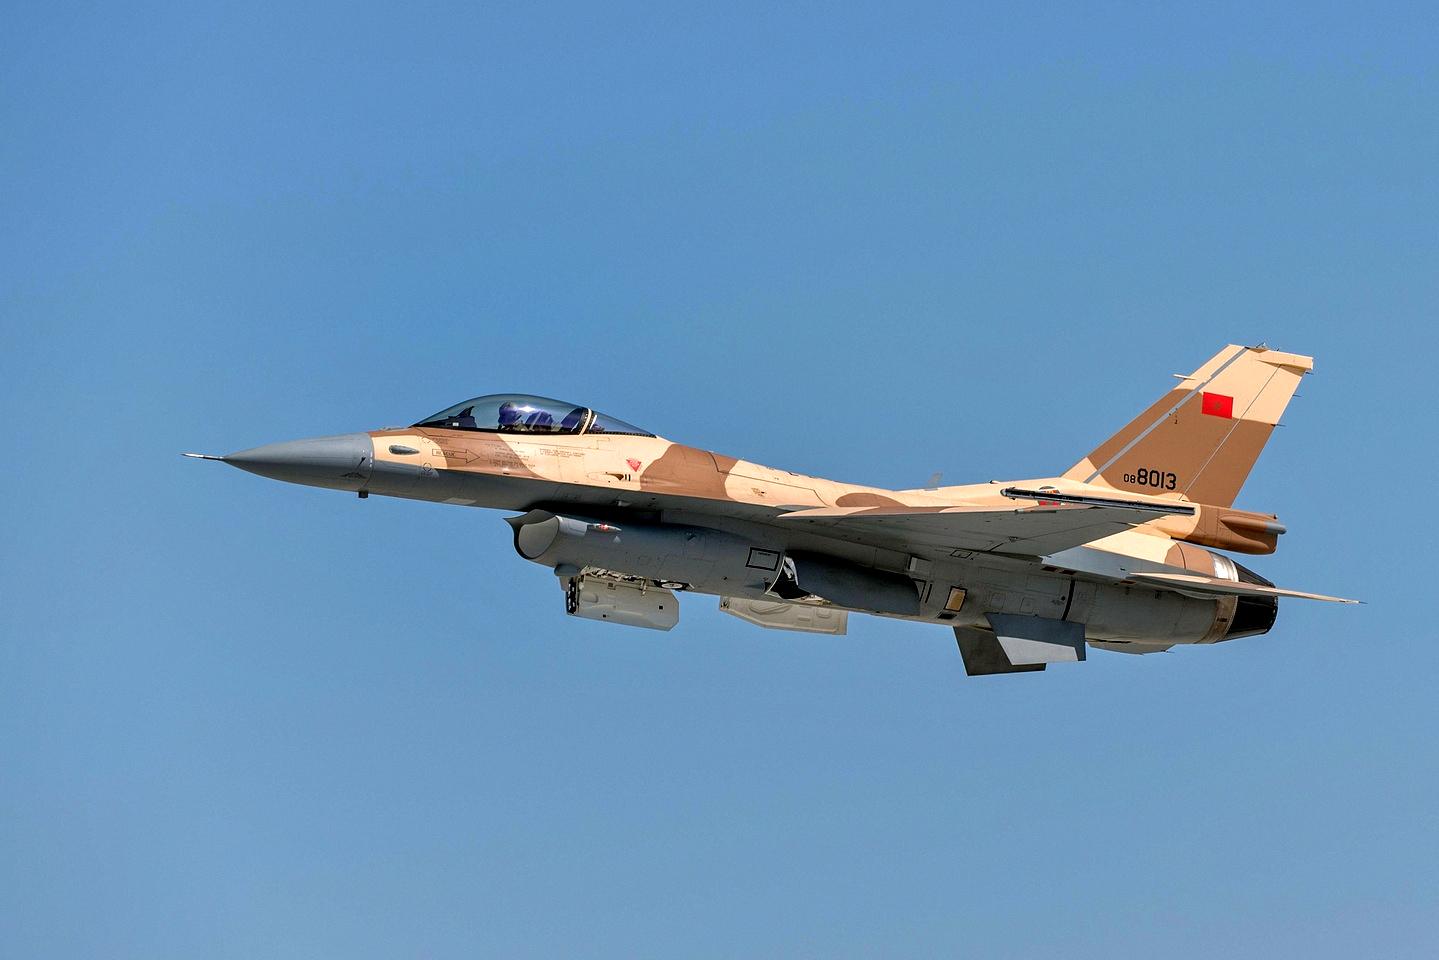 القوات الجوية الملكية المغربية - متجدد - - صفحة 2 151217035146927337